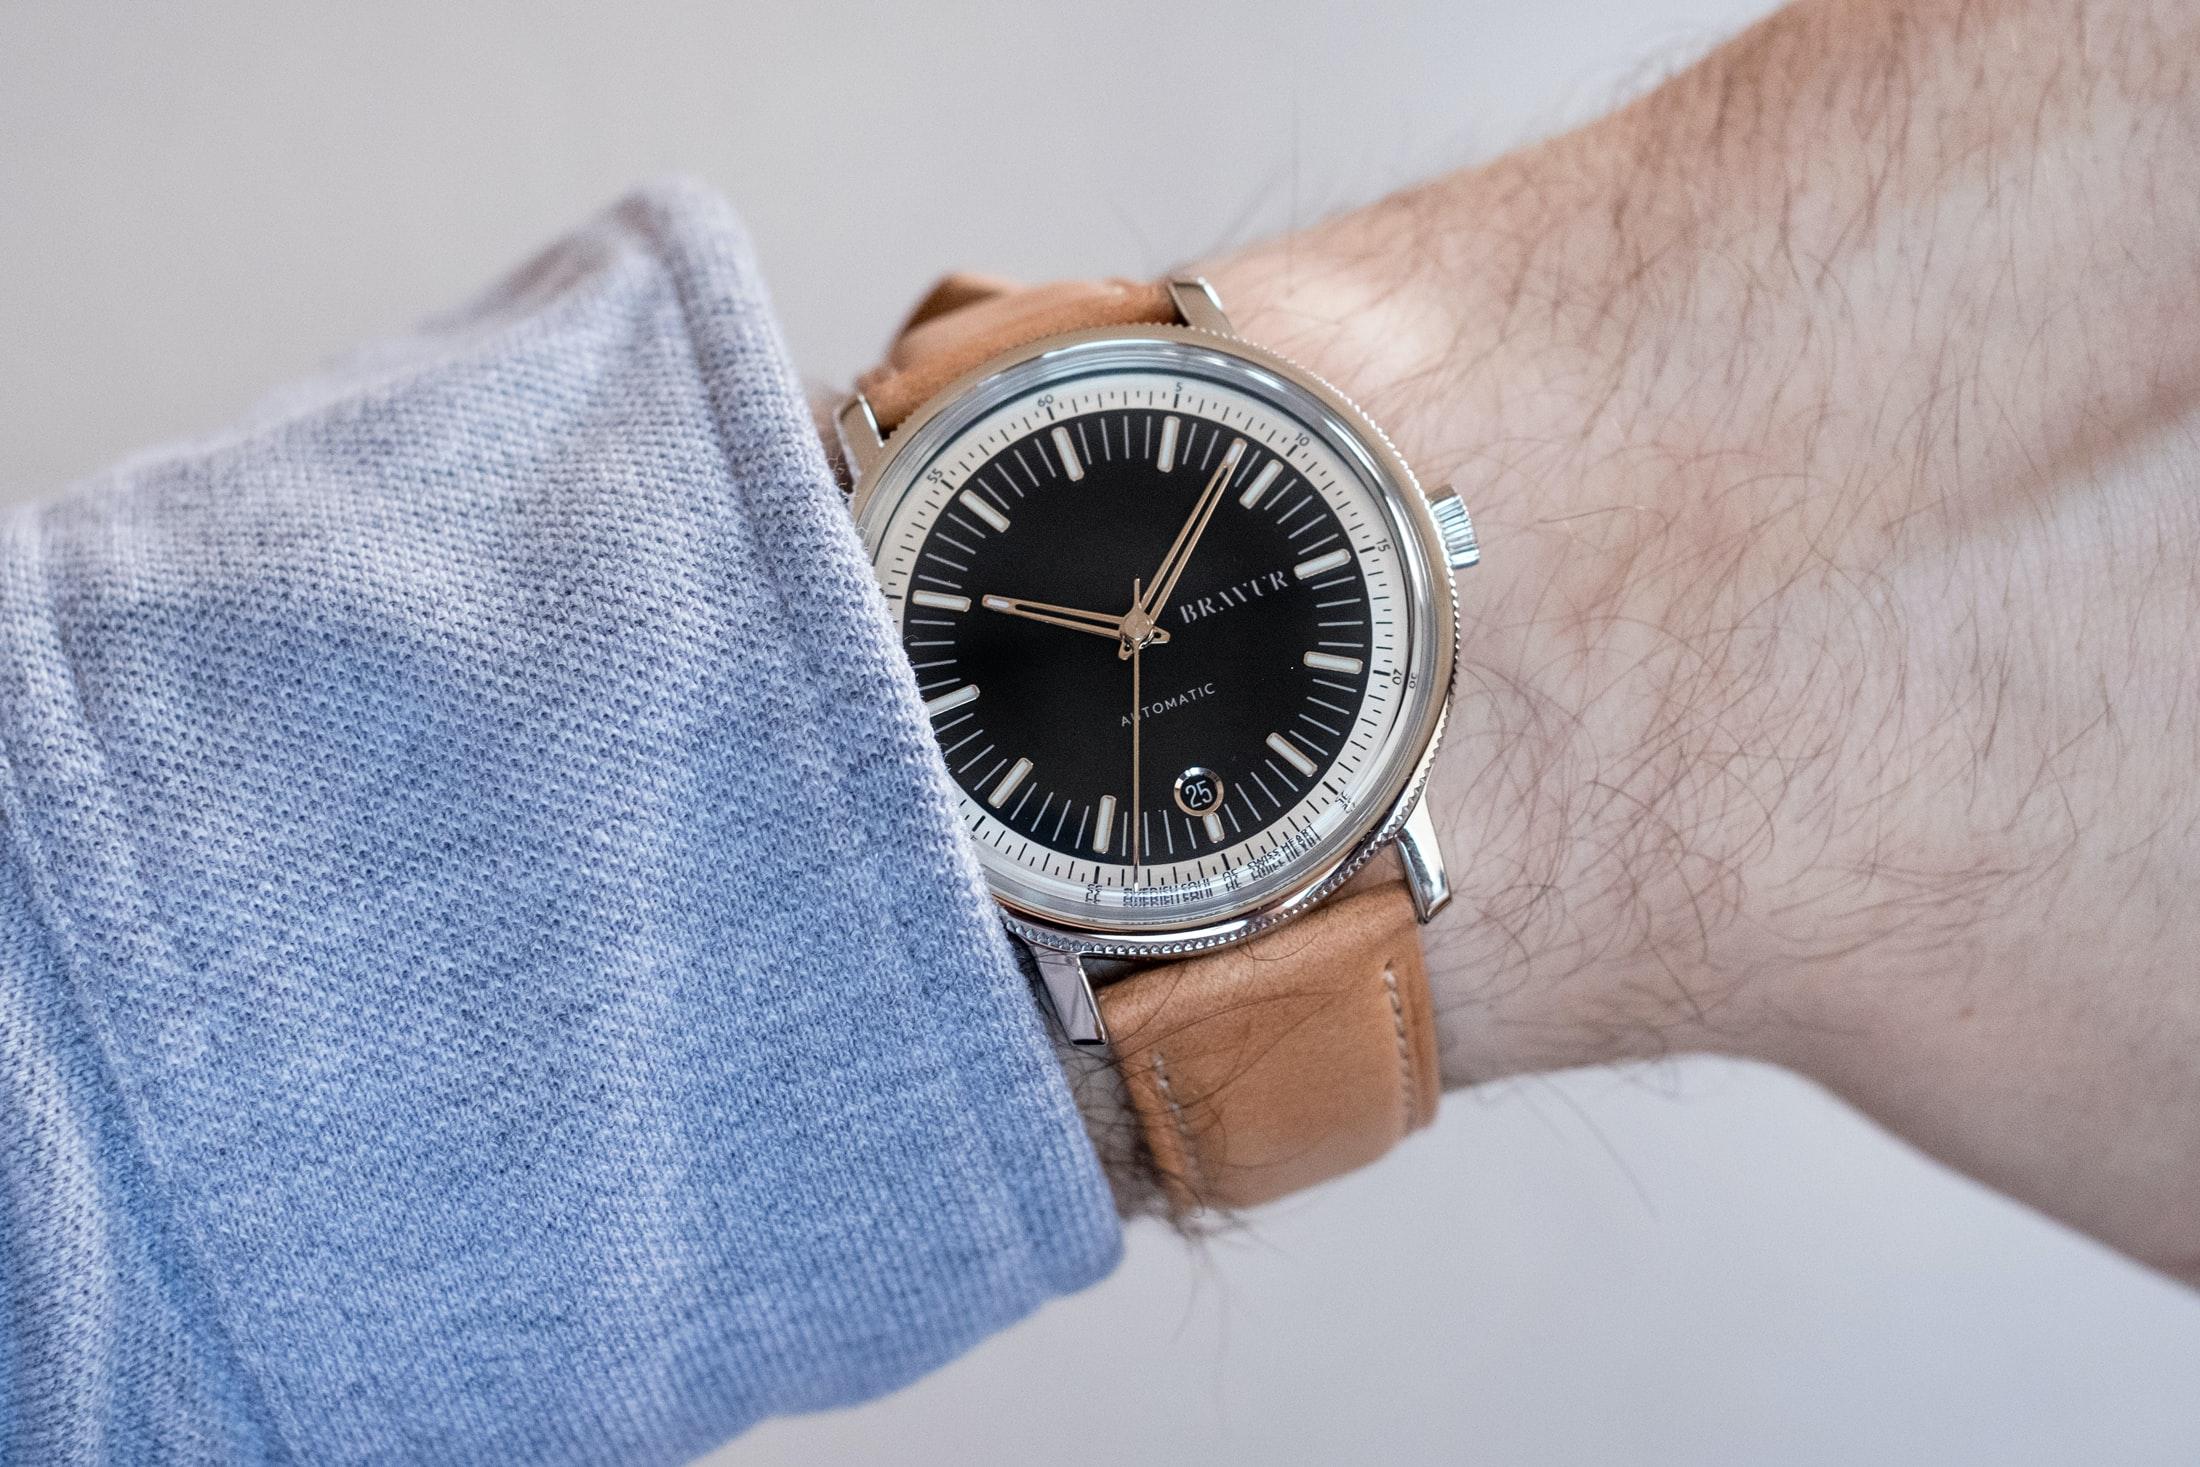 bravur watches bw003 black wristshot Hands-On: The Bravur BW003 Automatic Hands-On: The Bravur BW003 Automatic bravur 02